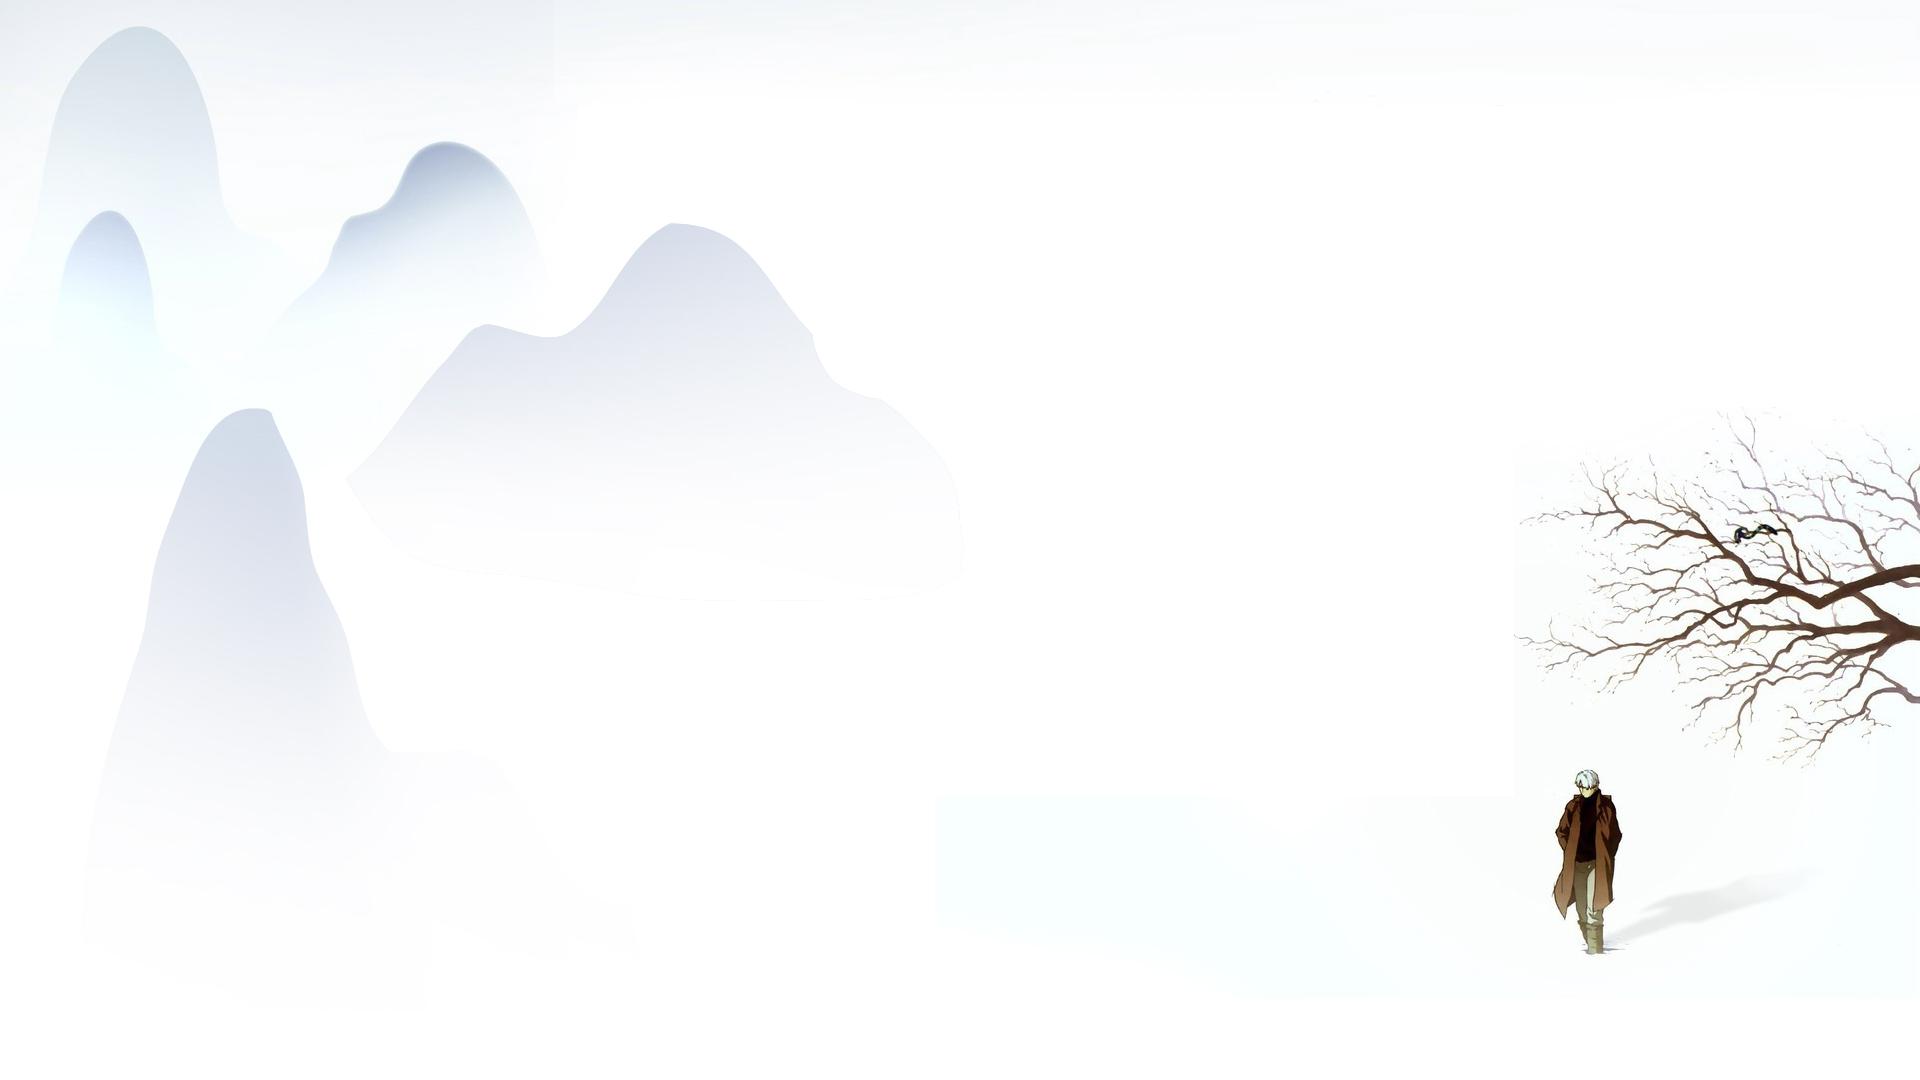 Bleach Wallpaper Hd Anime White Mushi Shi Ginko Wallpaper 1920x1080 46046